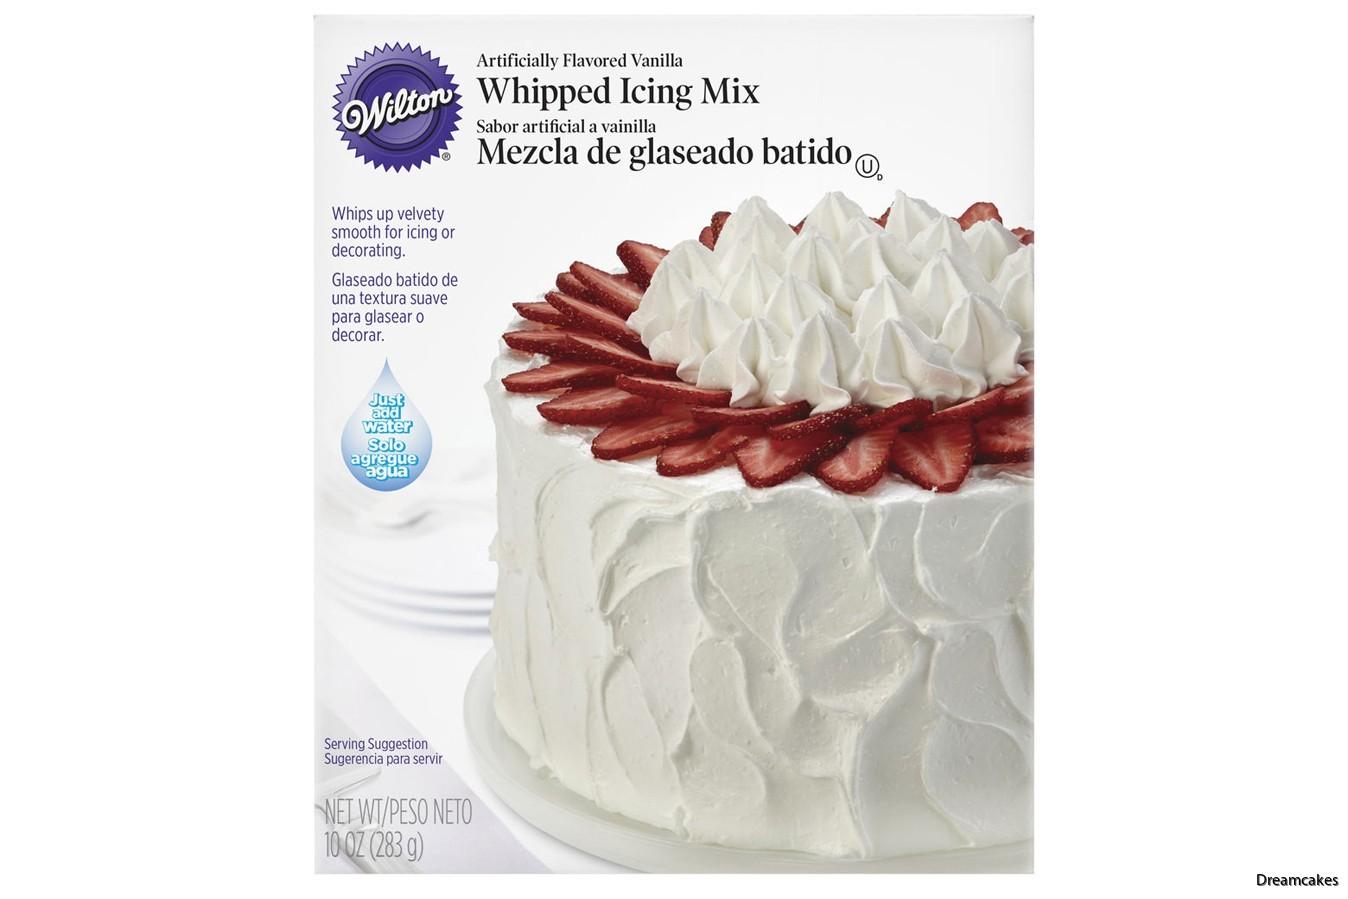 Läcker icing för tårta och cupcakes, fungerar både som topping och tårtfyllning